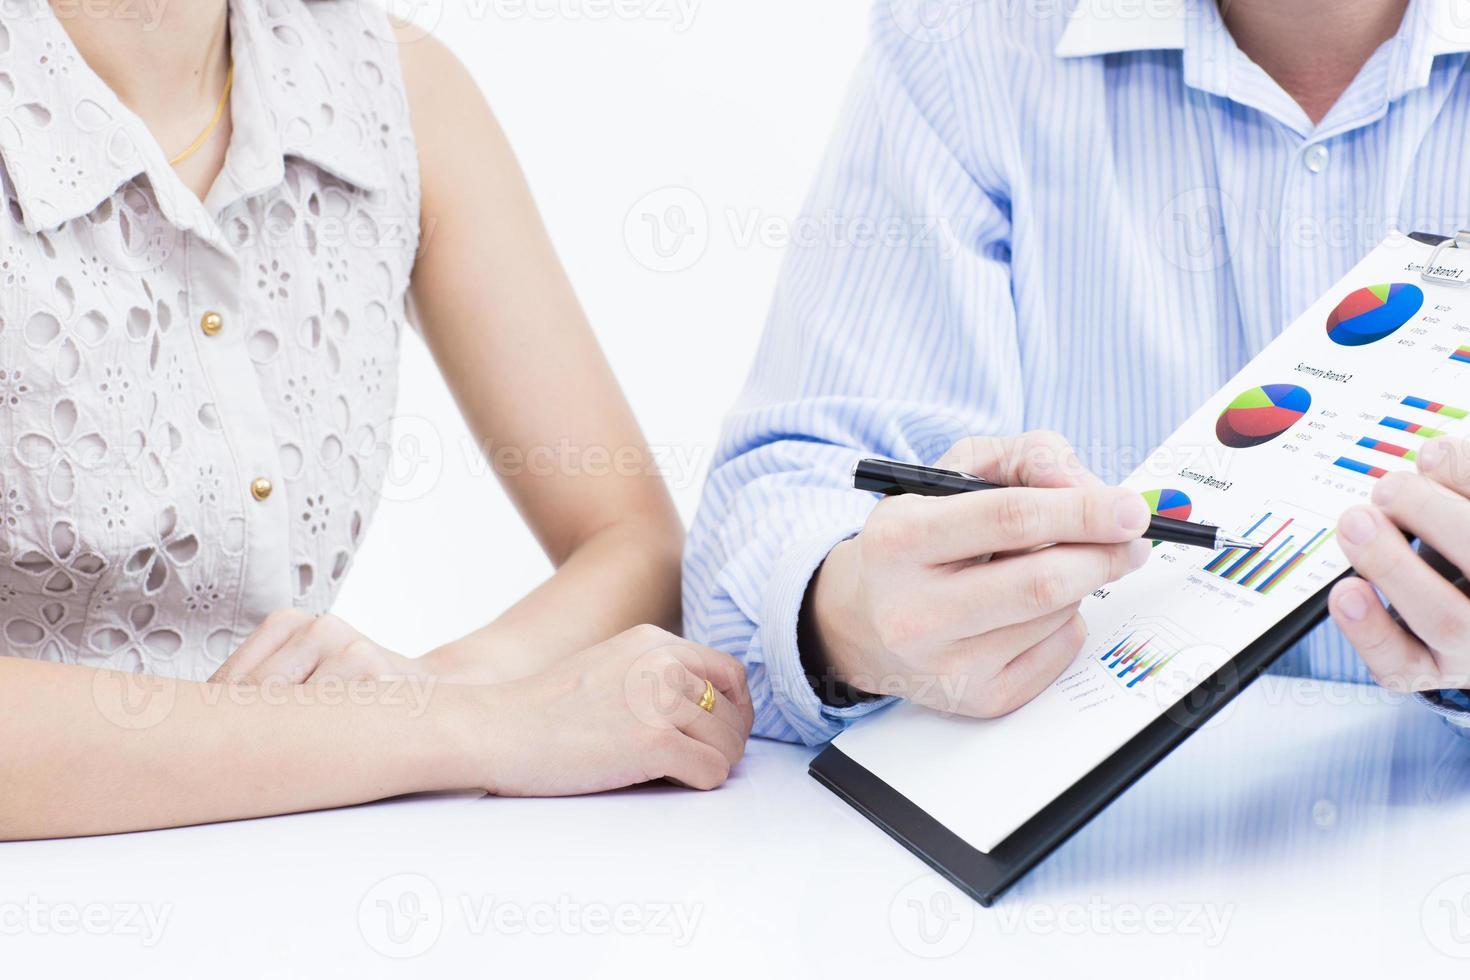 Gens d'affaires discutant lors d'une réunion sur table photo